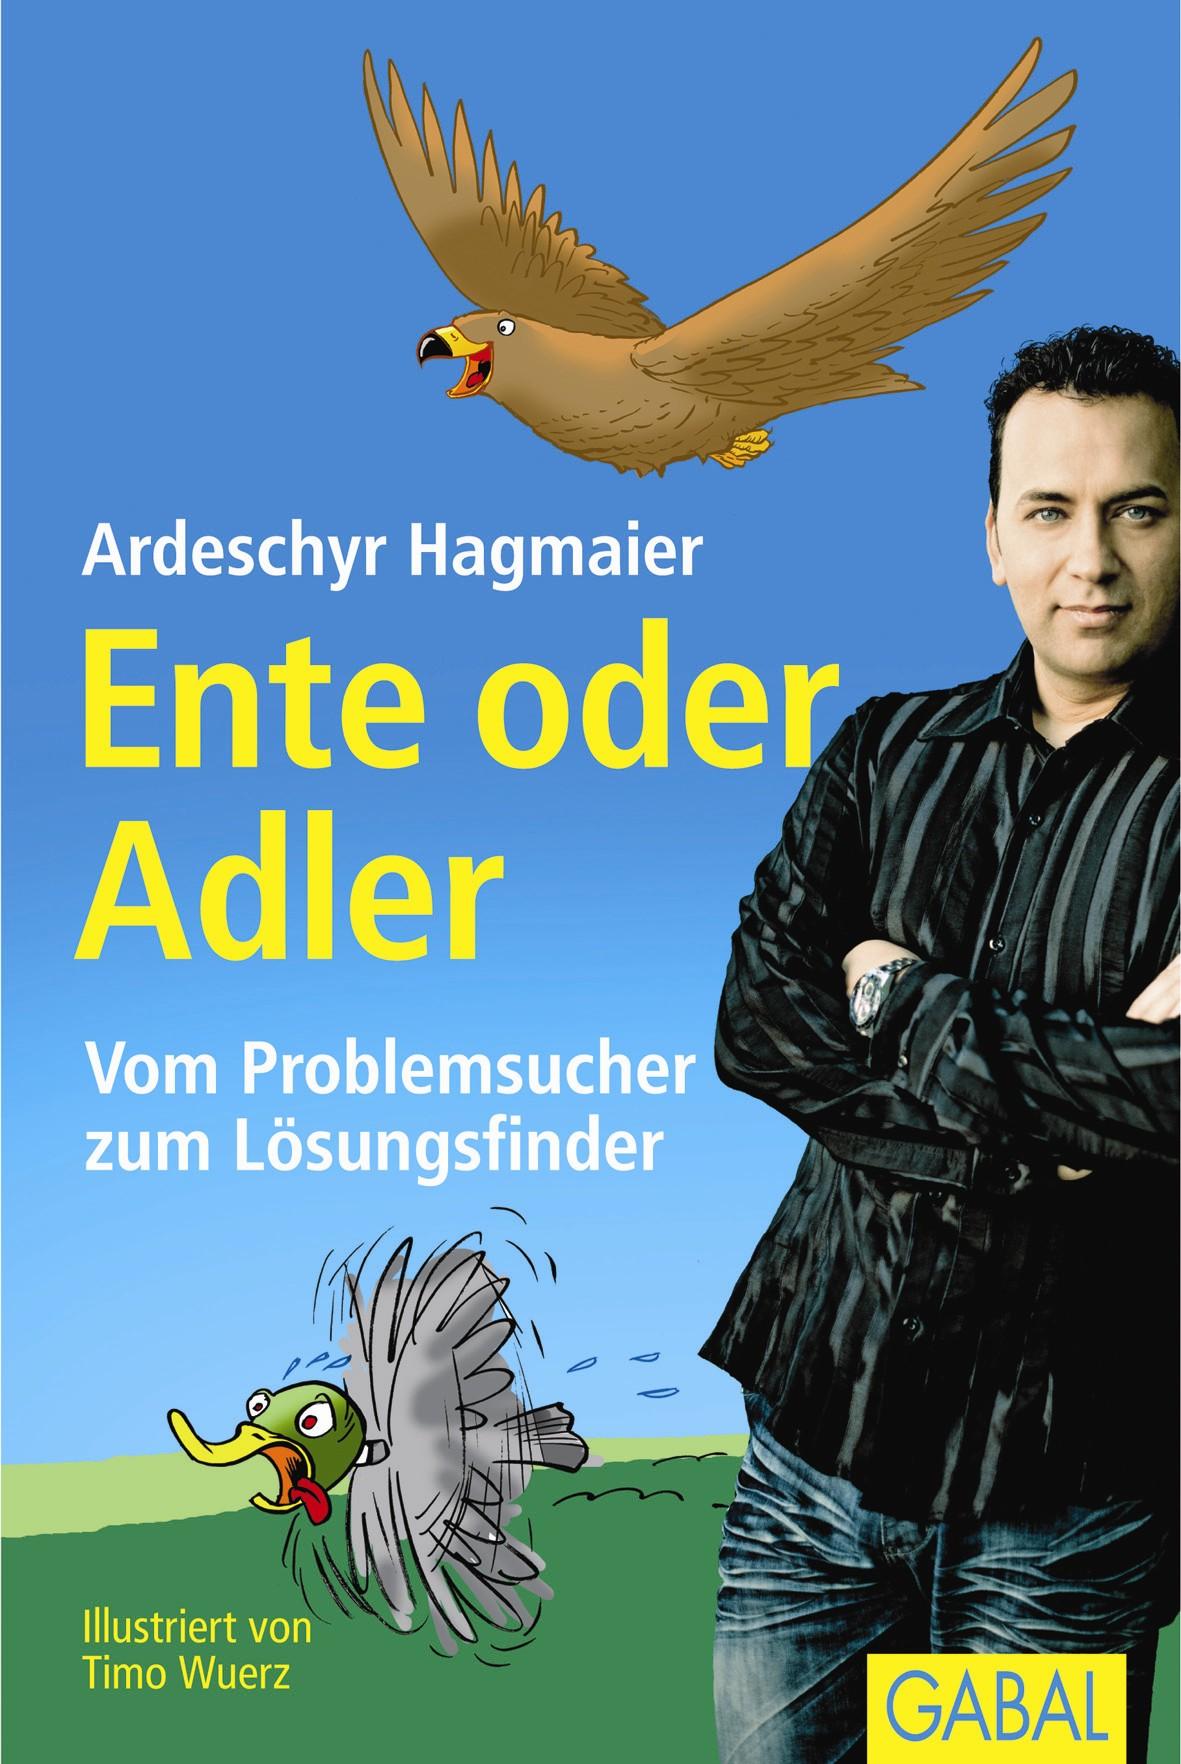 Ente oder Adler: Vom Problemsucher zum Lösungsfinder - Ardeschyr Hagmaier